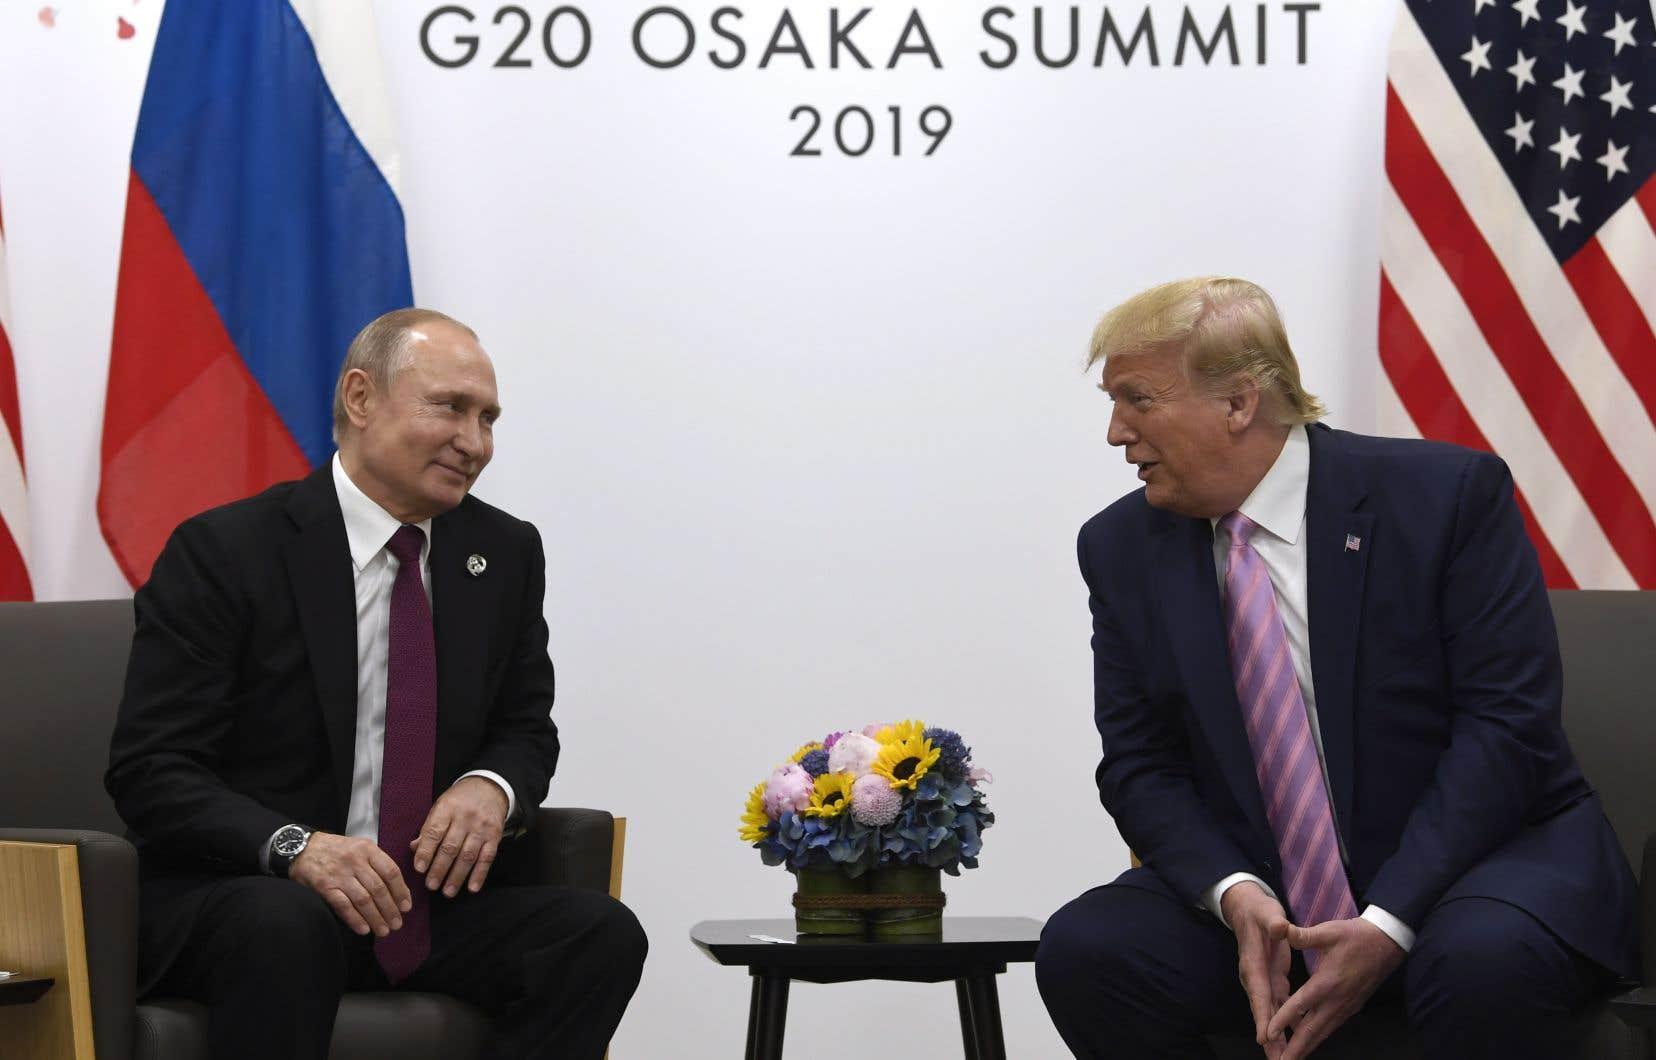 Le président Donald Trump, à droite, rencontre le président russe, Vladimir Poutine, à gauche, lors d'une réunion bilatérale en marge du sommet du G-20 à Osaka.